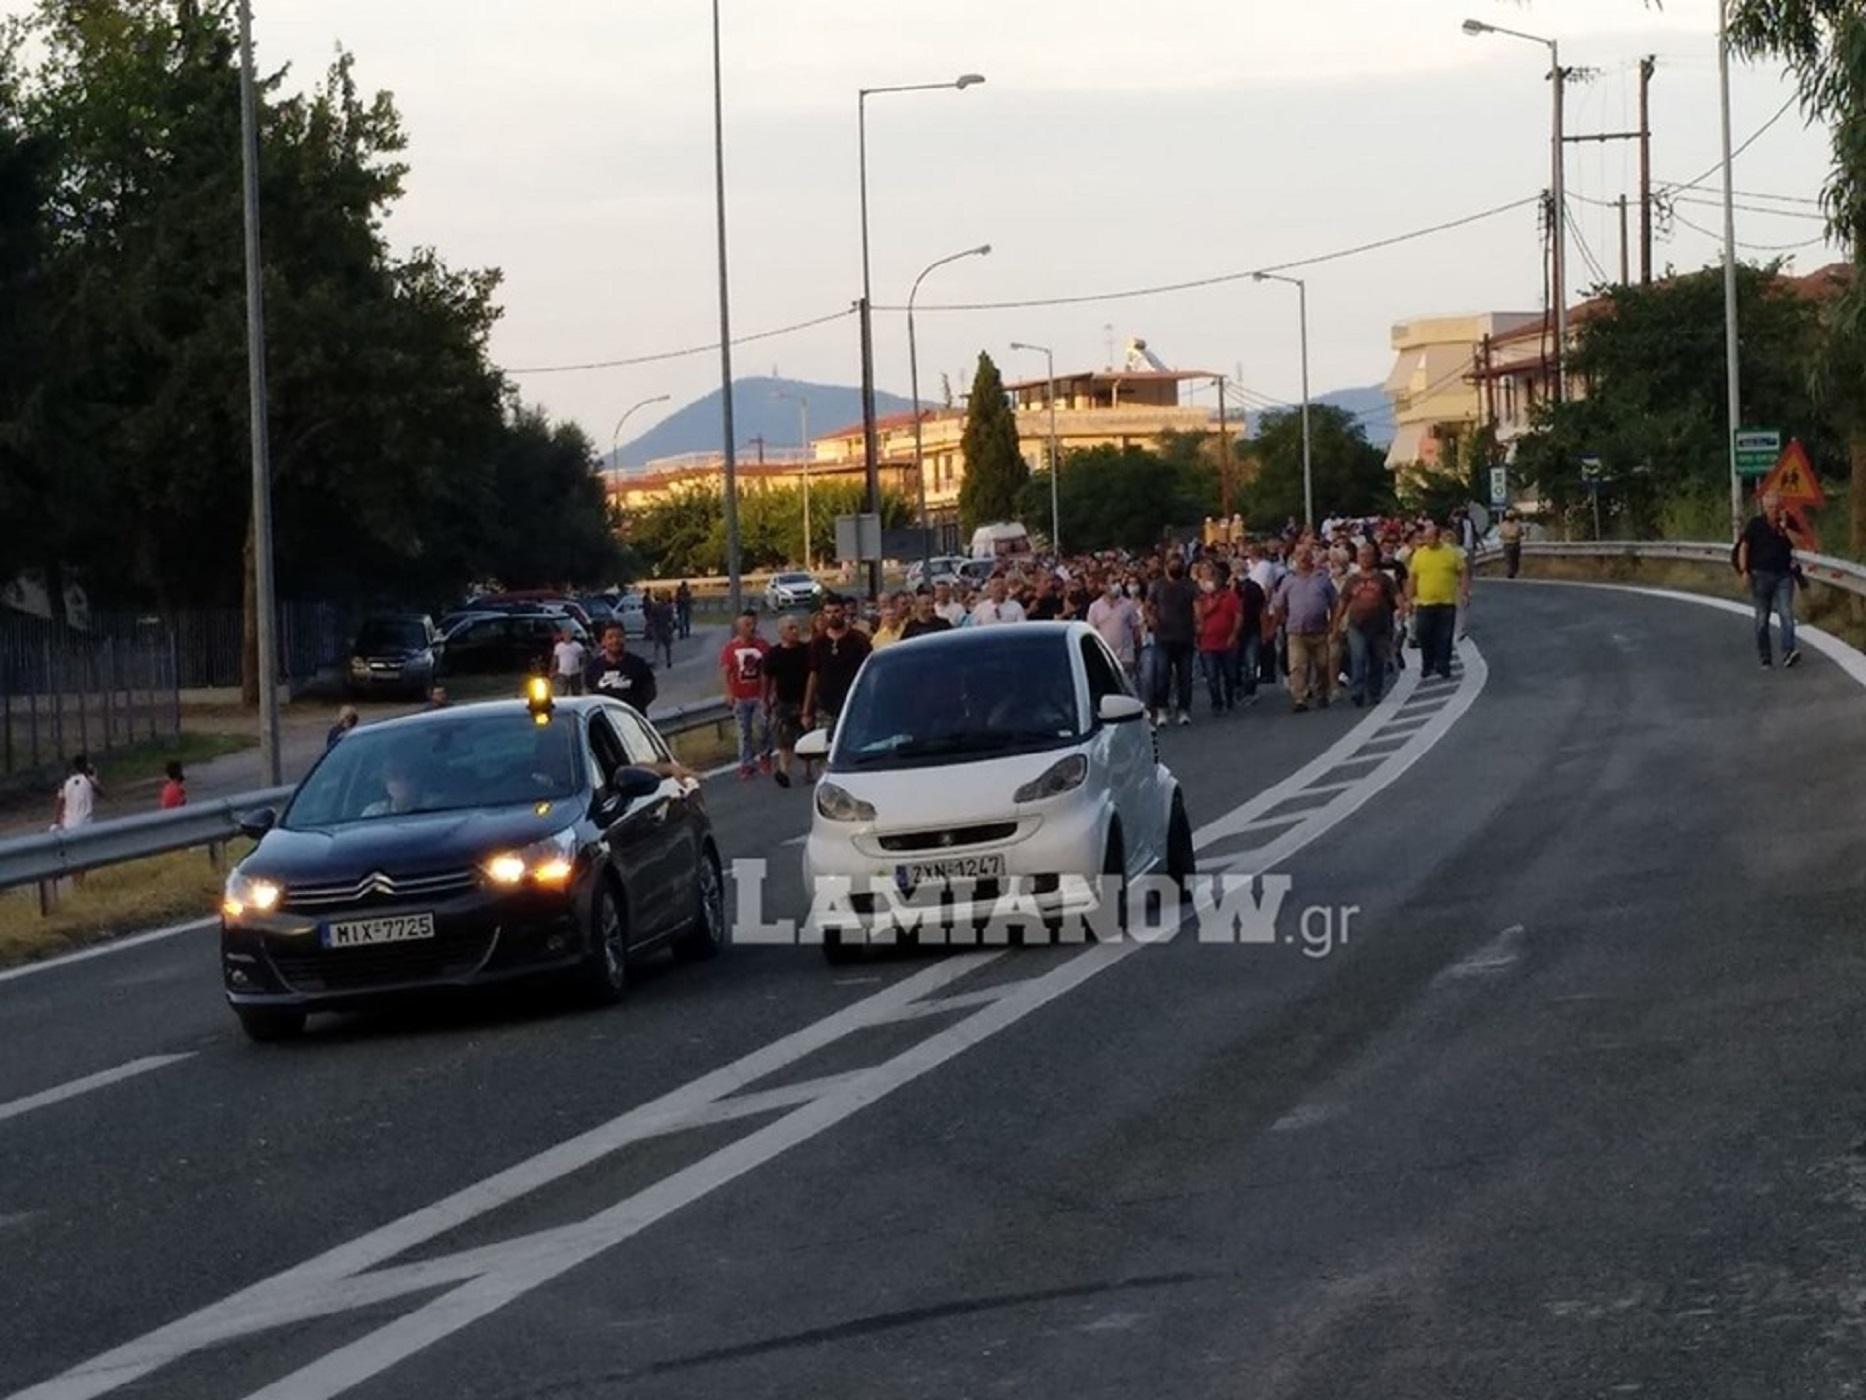 Έκλεισε η Εθνική Οδός στα Καμένα Βούρλα – Διαμαρτυρίες για τη εγκατάσταση προσφύγων (pics, video)